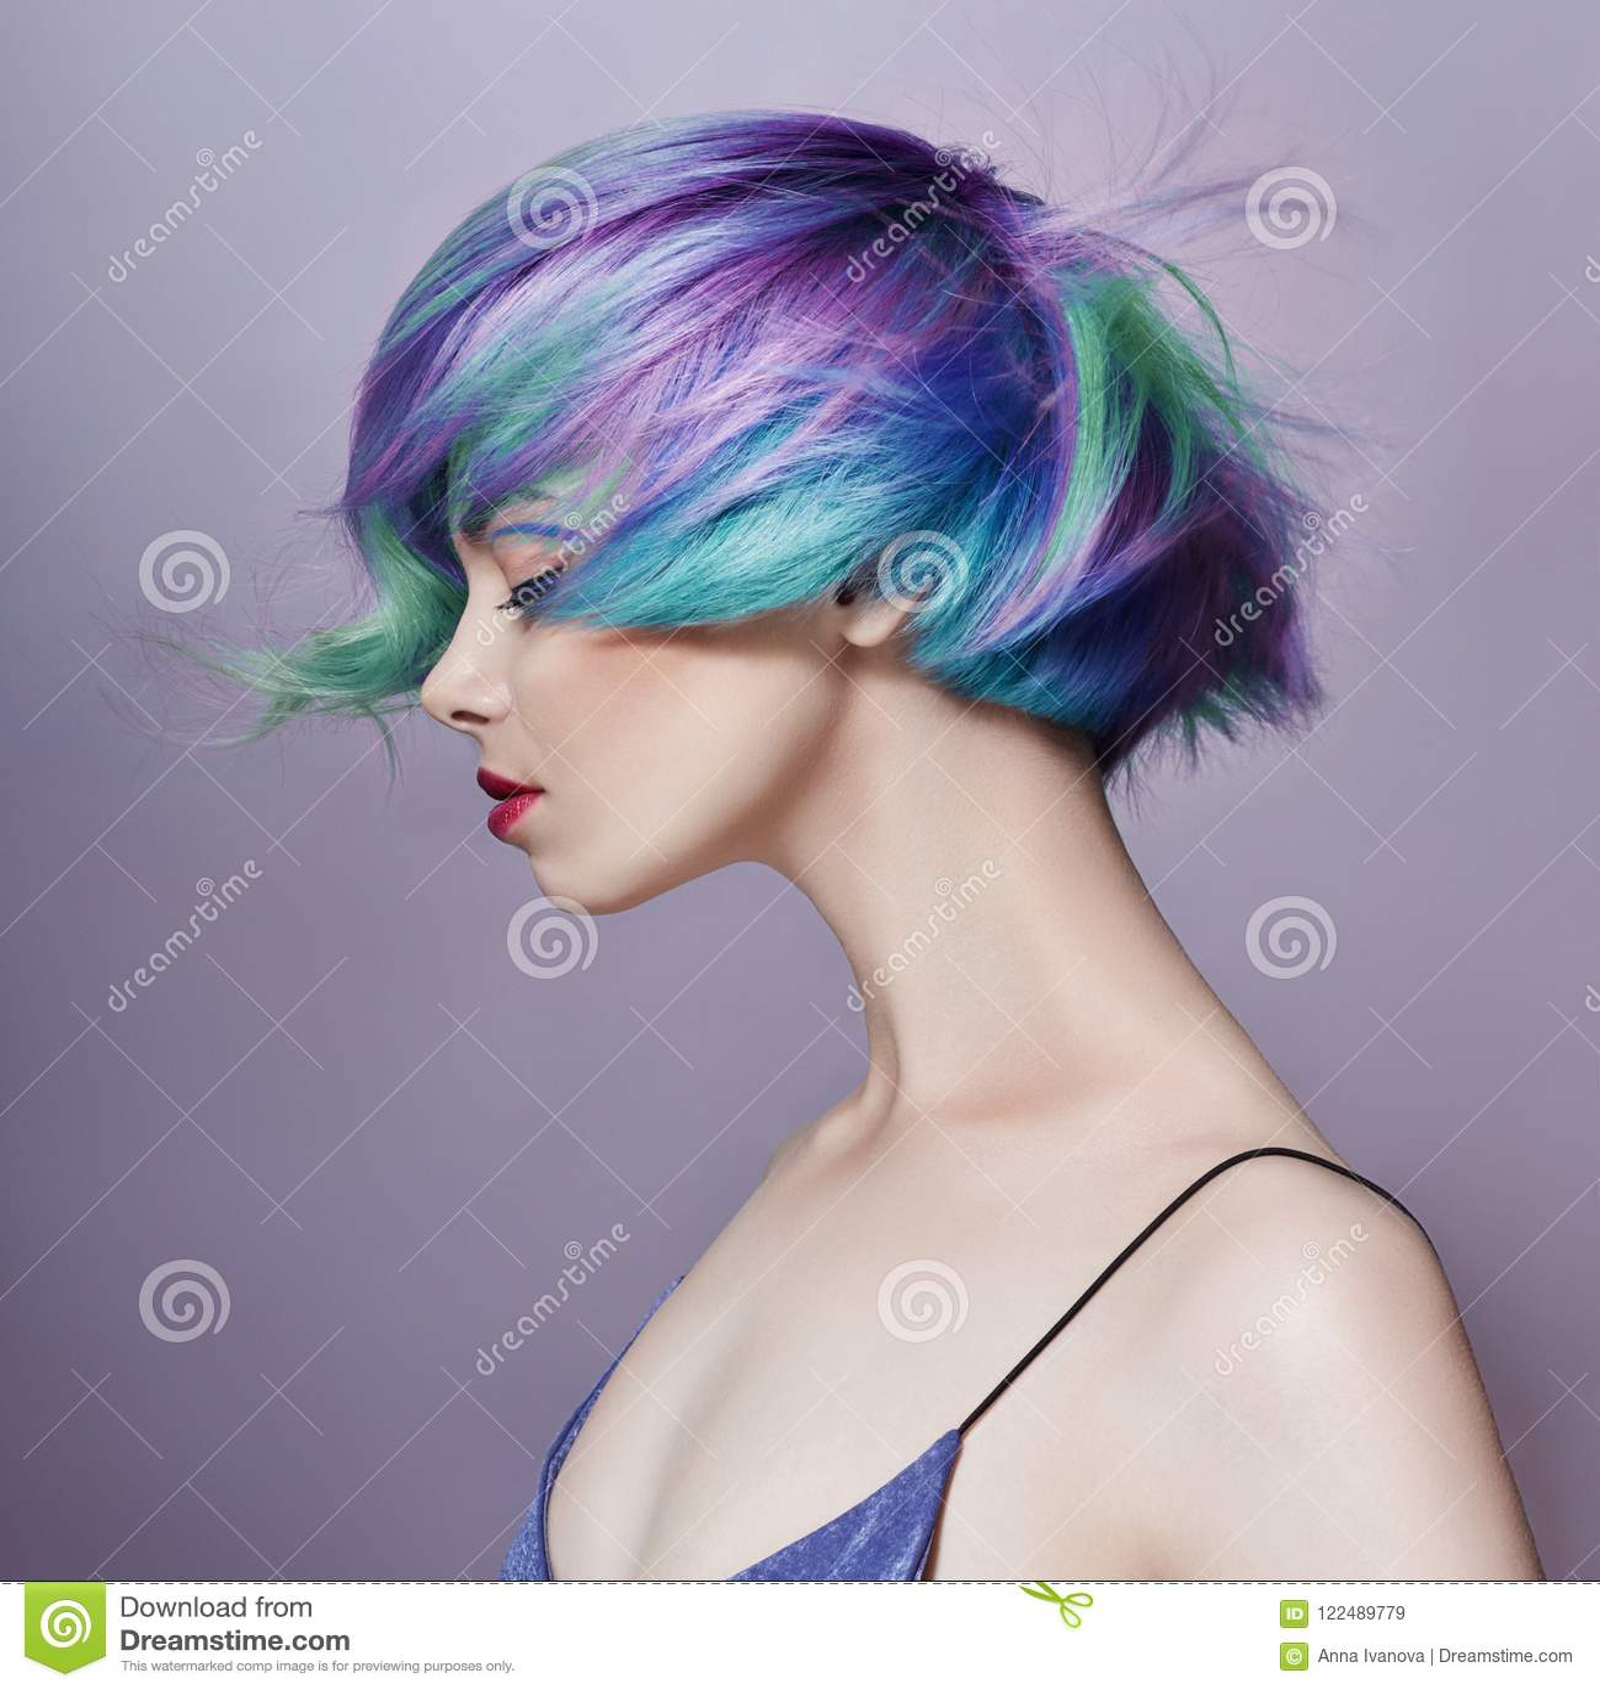 Portret van een vrouw met helder gekleurd vliegend haar, alle schaduwen van purple Haarkleuring, mooie lippen en make-up haar